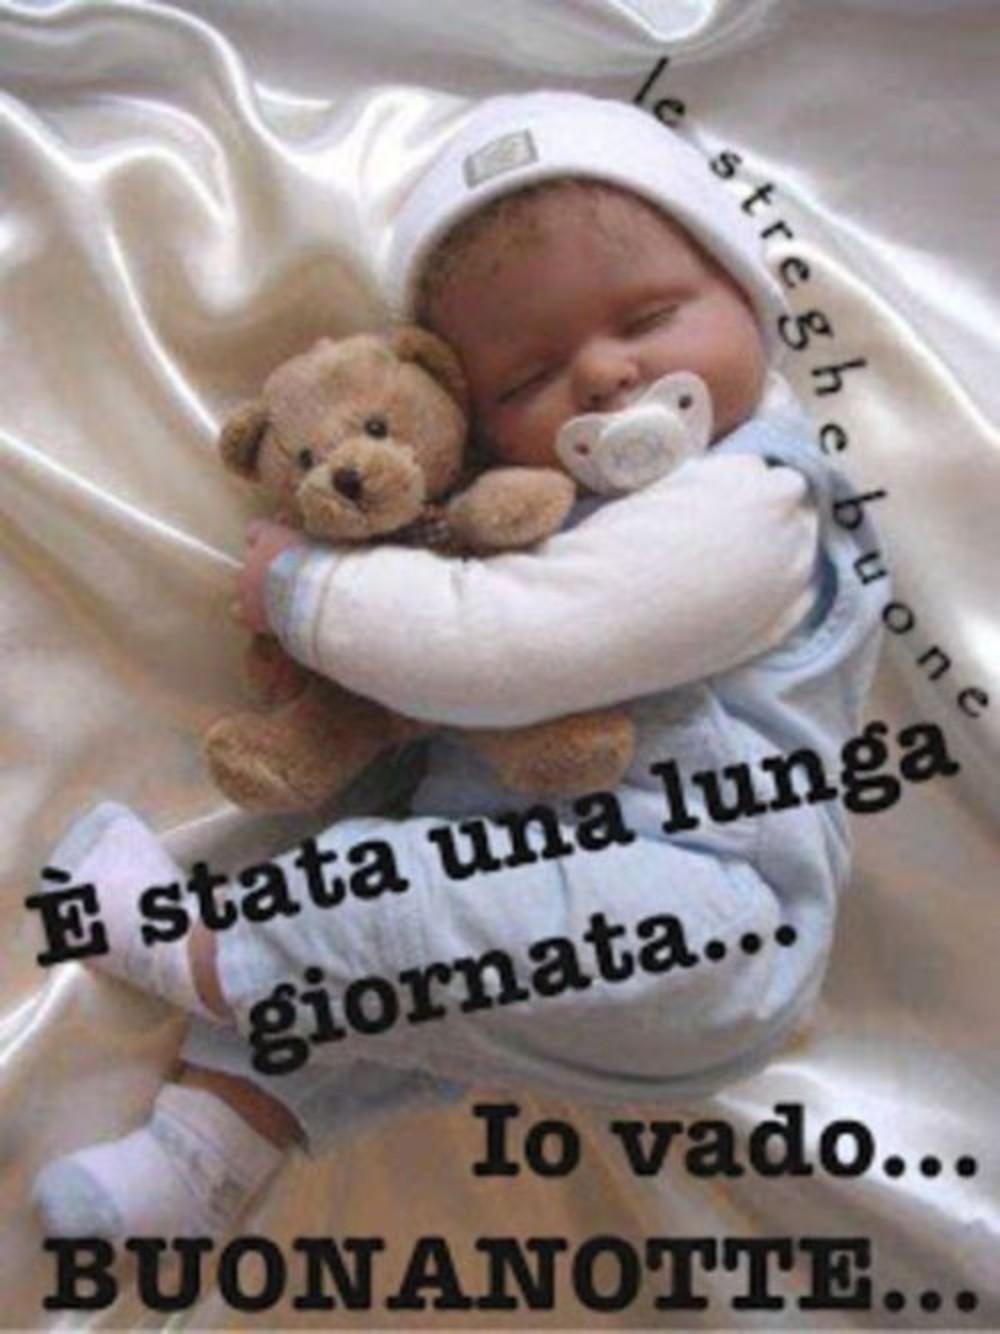 immagini nuove buonanotte bimbi belli (3)